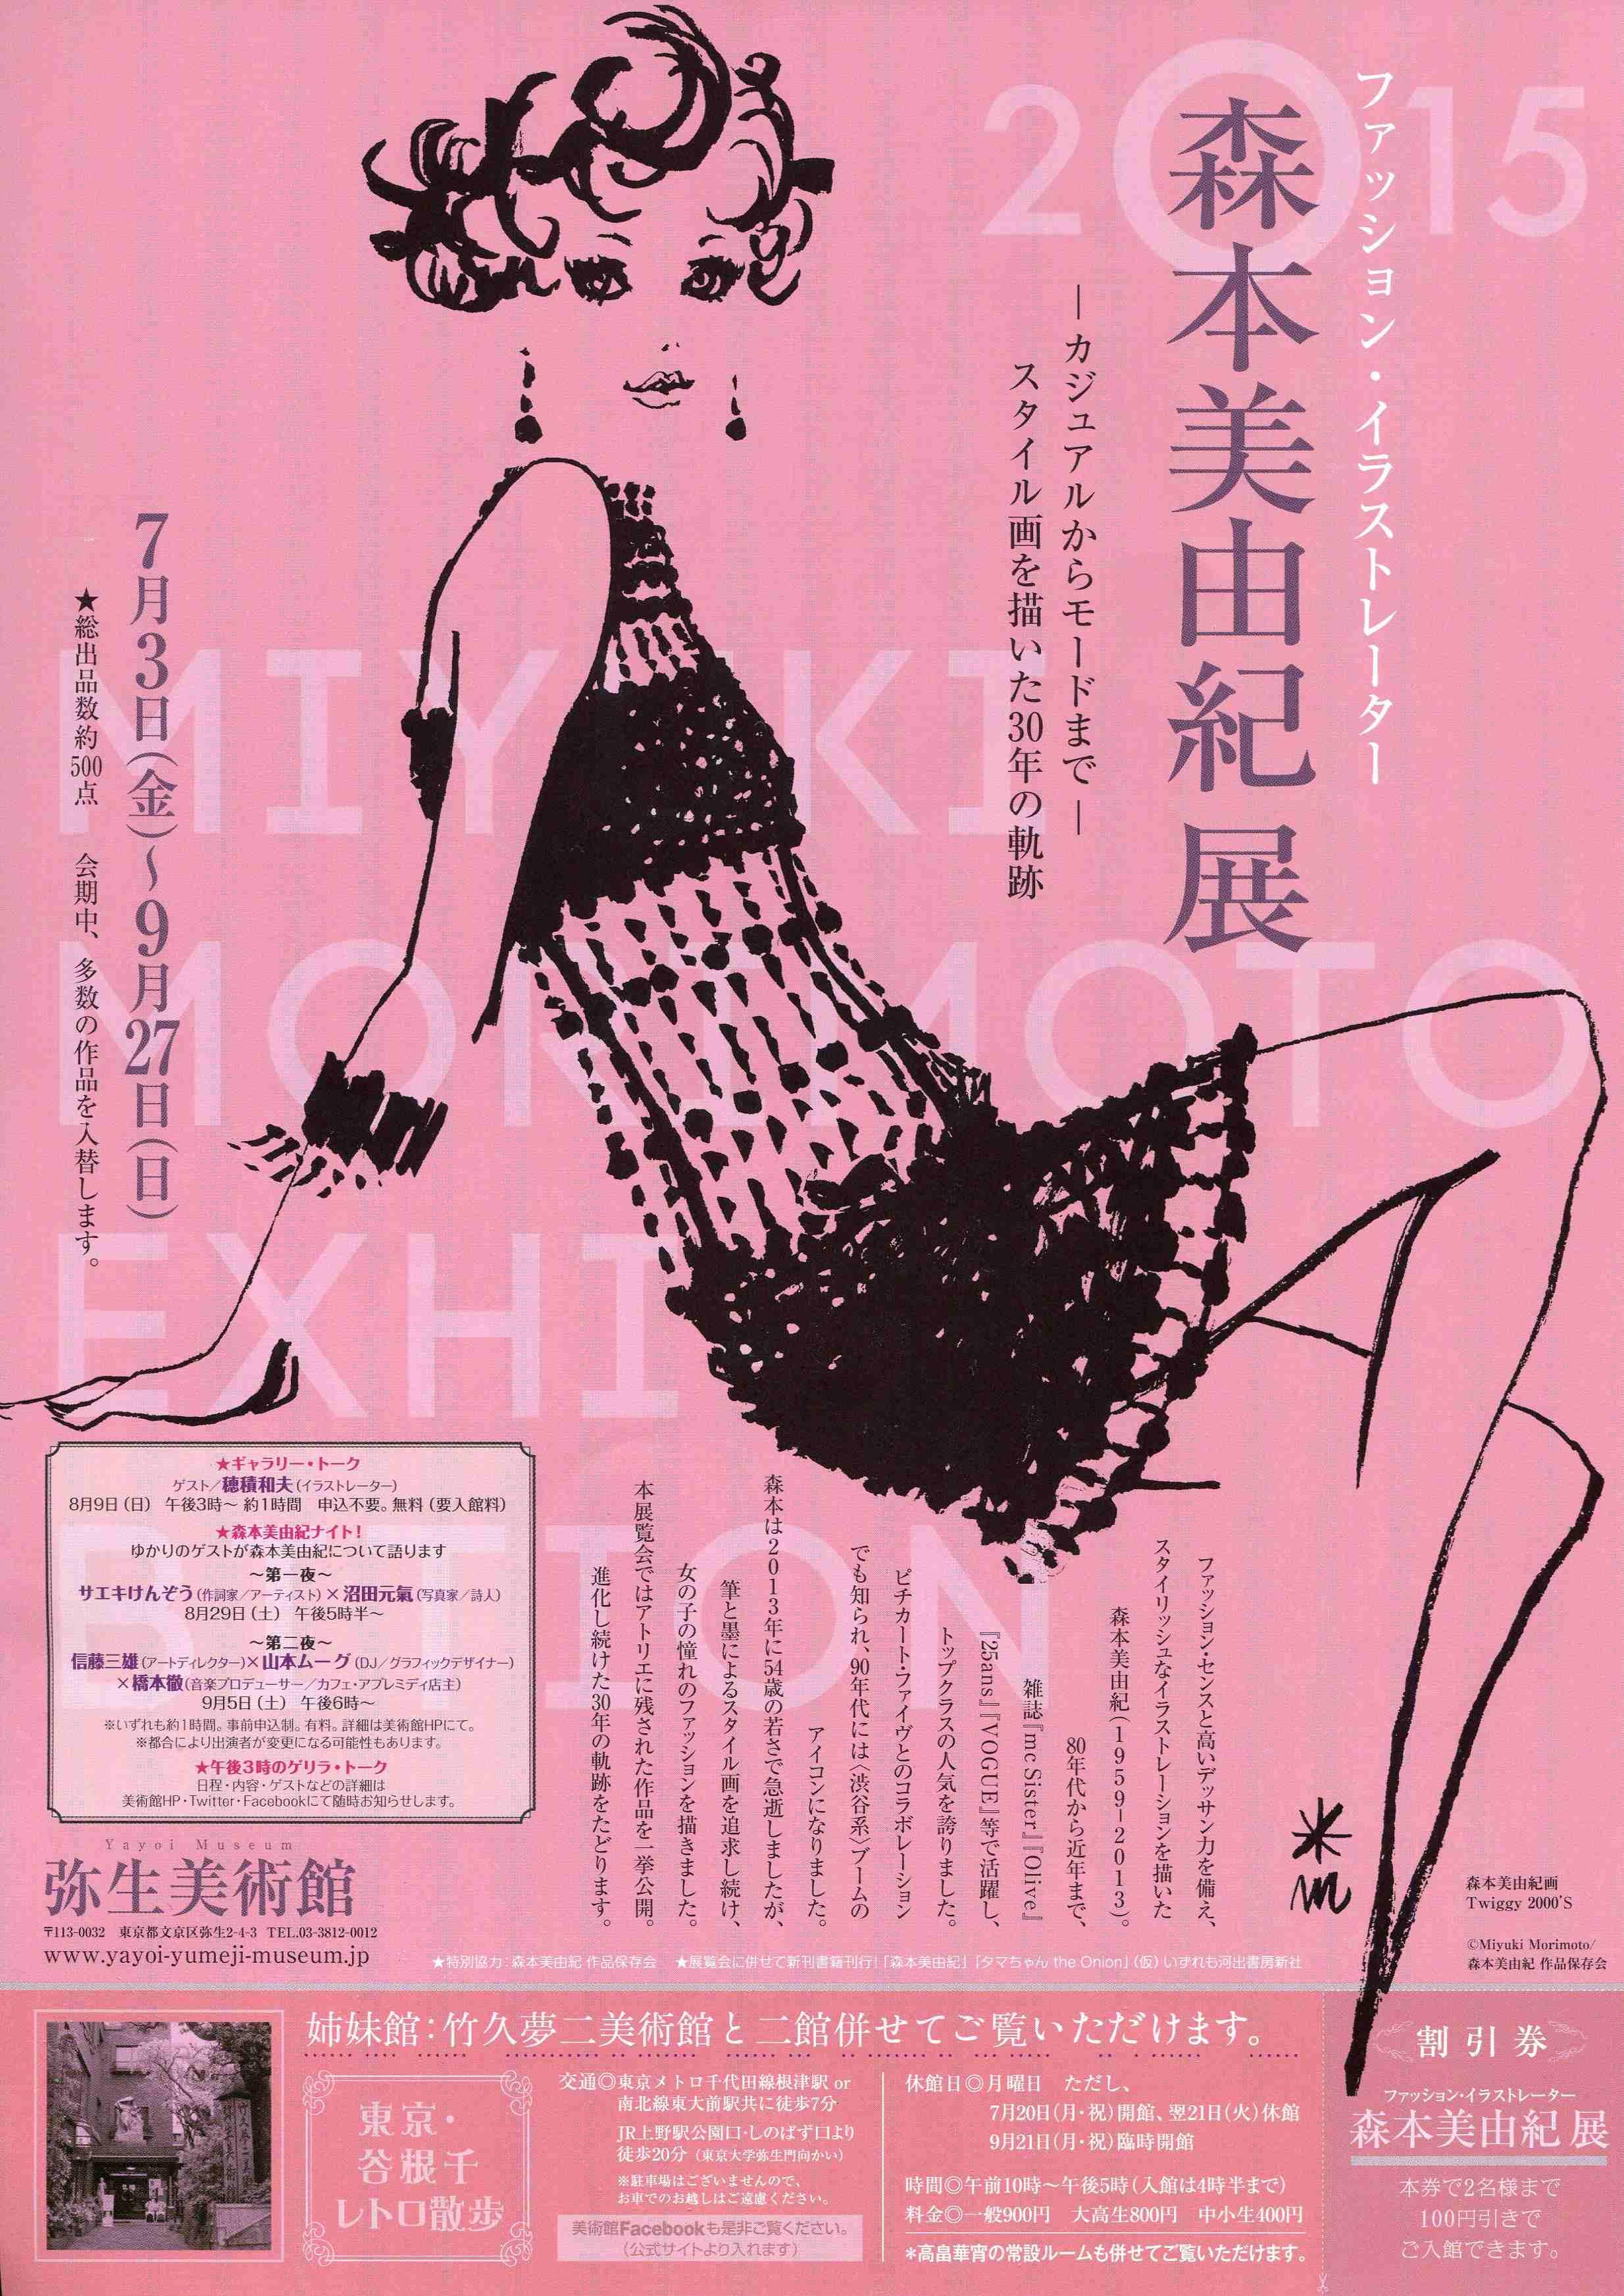 猫アリーナ 「ファッション・イラストレーター 森本美由紀展」 弥生美術館